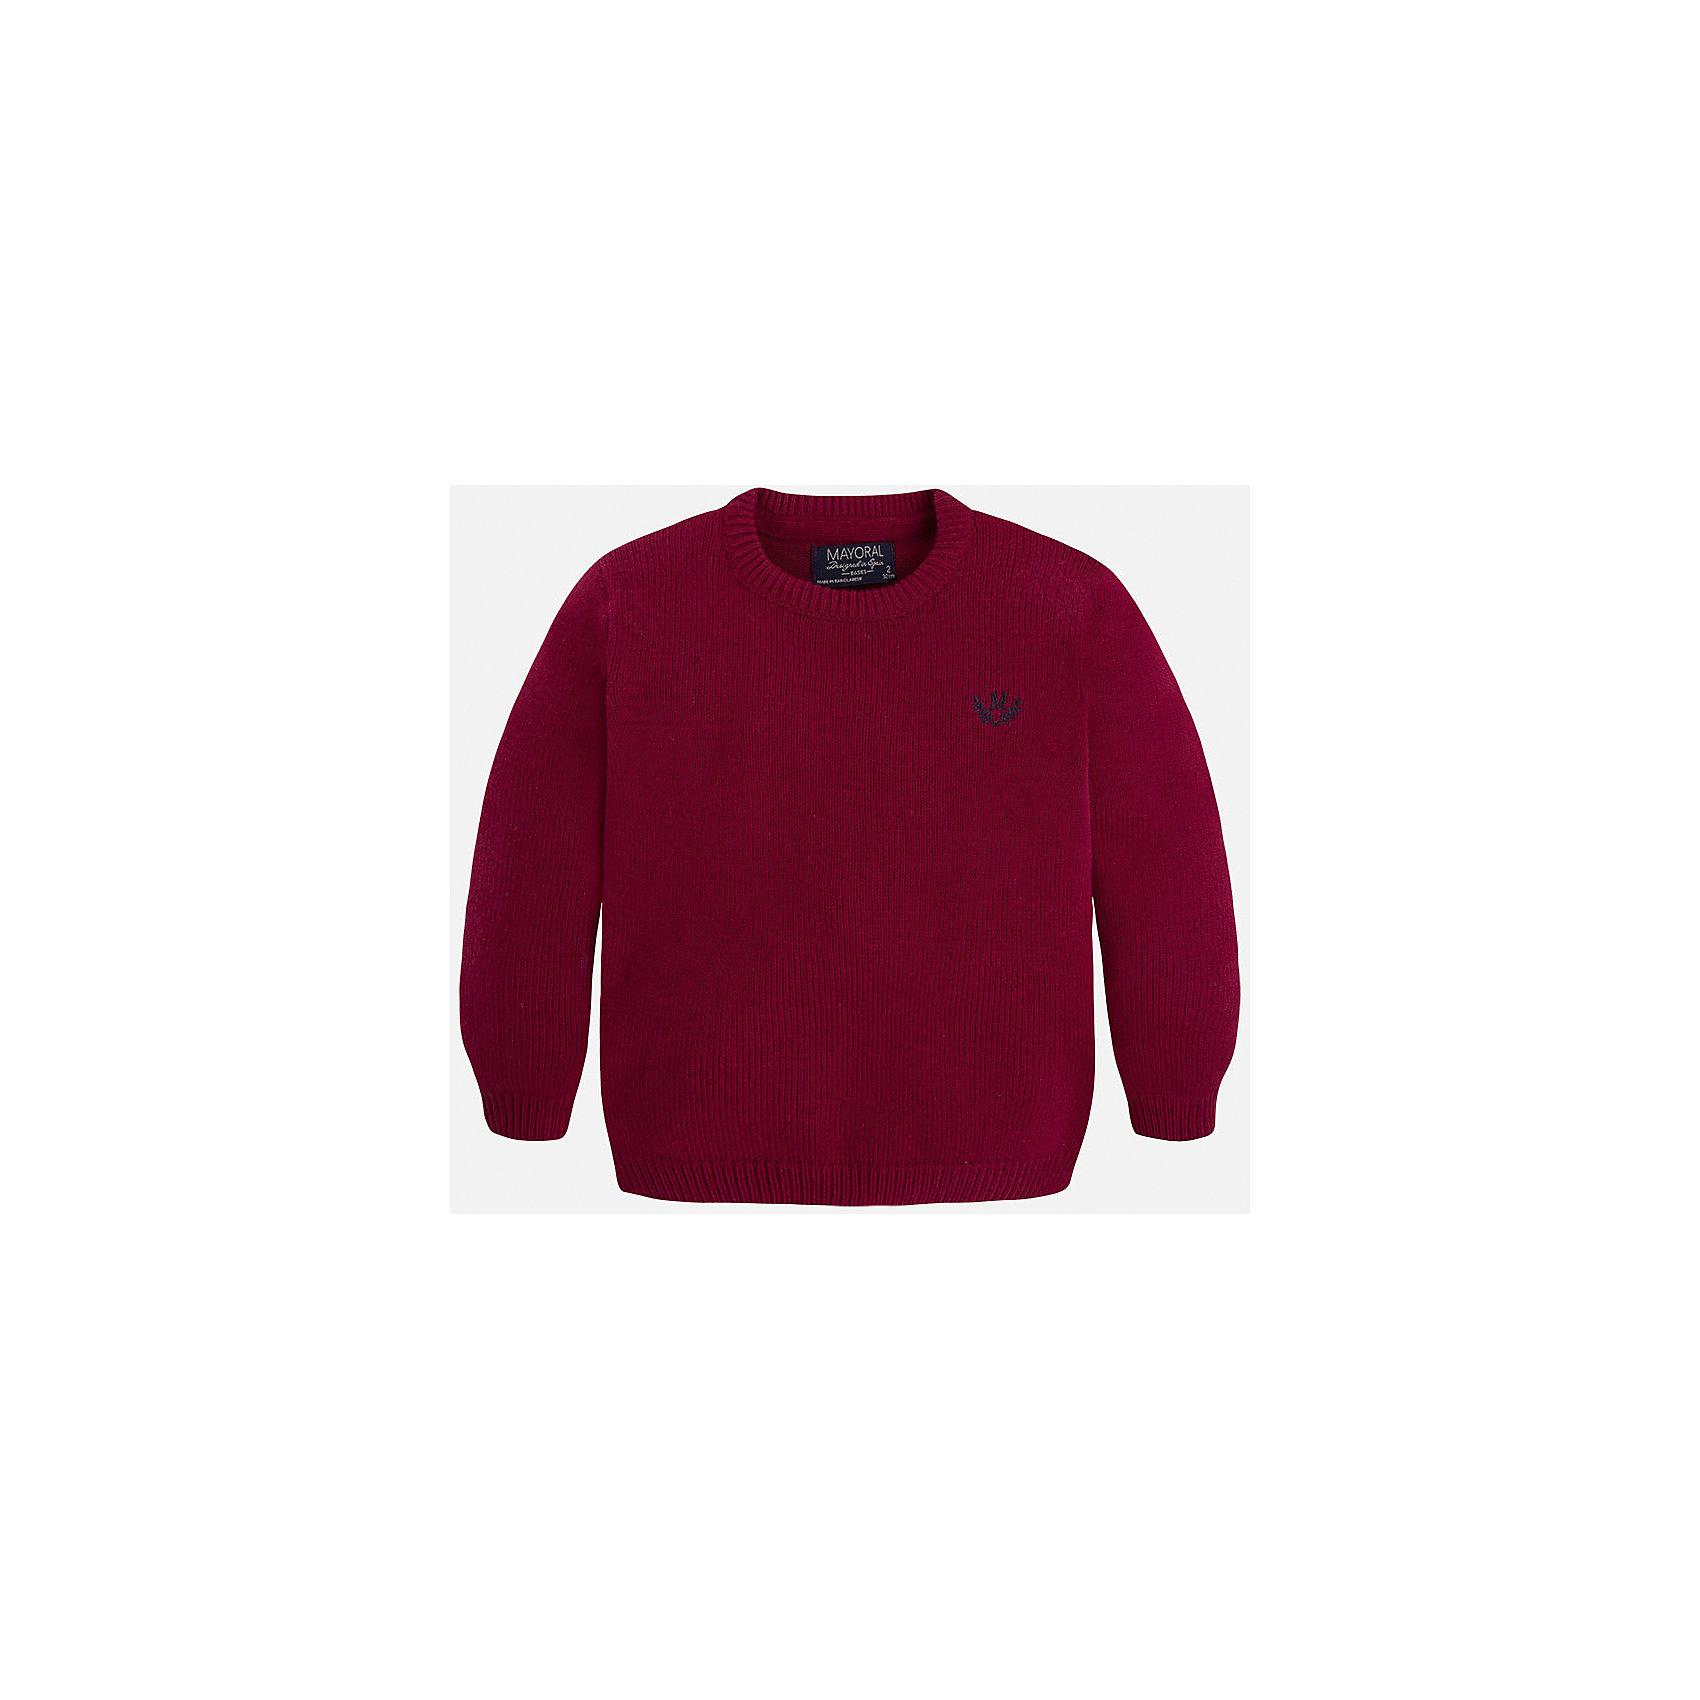 Свитер для мальчика MayoralСтильный свитер для настоящего джентльмена! У свитера классический крой, поэтому его можно комбинировать с разными вещими и носить в любой сезон.<br><br>Дополнительная информация:<br><br>- Прямой крой.<br>- Страна бренда: Испания.<br>- Состав: хлопок 60%,полиамид 30%,шерсть 10%.<br>- Цвет: бордовый.<br>- Уход: бережная стирка при 30 градусах.<br><br>Купить свитер для мальчика Mayoral можно в нашем магазине.<br><br>Ширина мм: 190<br>Глубина мм: 74<br>Высота мм: 229<br>Вес г: 236<br>Цвет: бордовый<br>Возраст от месяцев: 60<br>Возраст до месяцев: 72<br>Пол: Мужской<br>Возраст: Детский<br>Размер: 116,104,98,134,128,122,110<br>SKU: 4821663